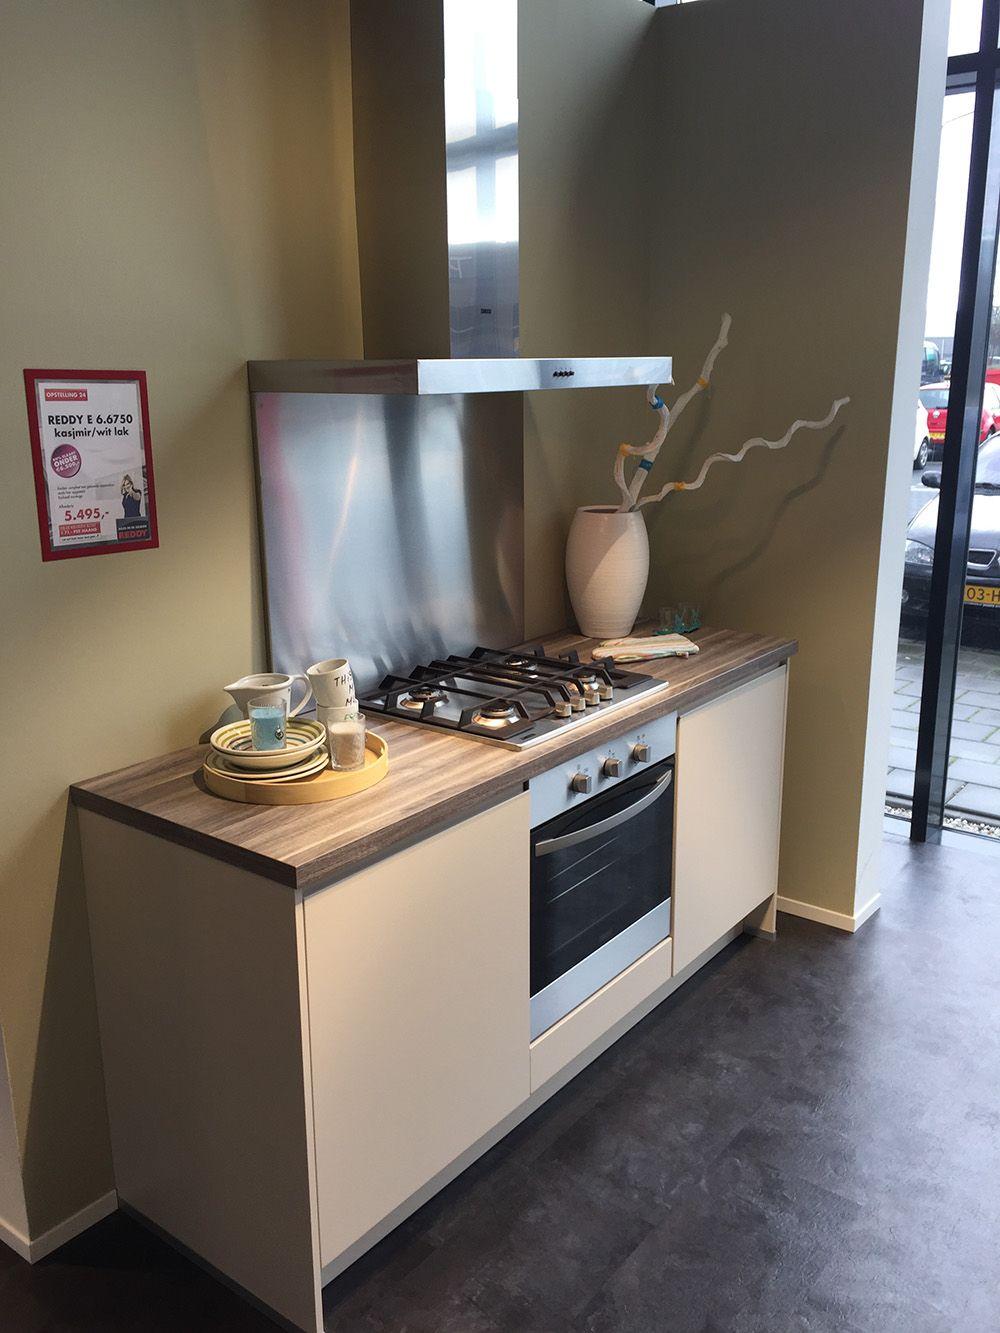 Allergrootste keukensite van nederland rechte keuken 50180 - Afbeelding van keuken amenagee ...